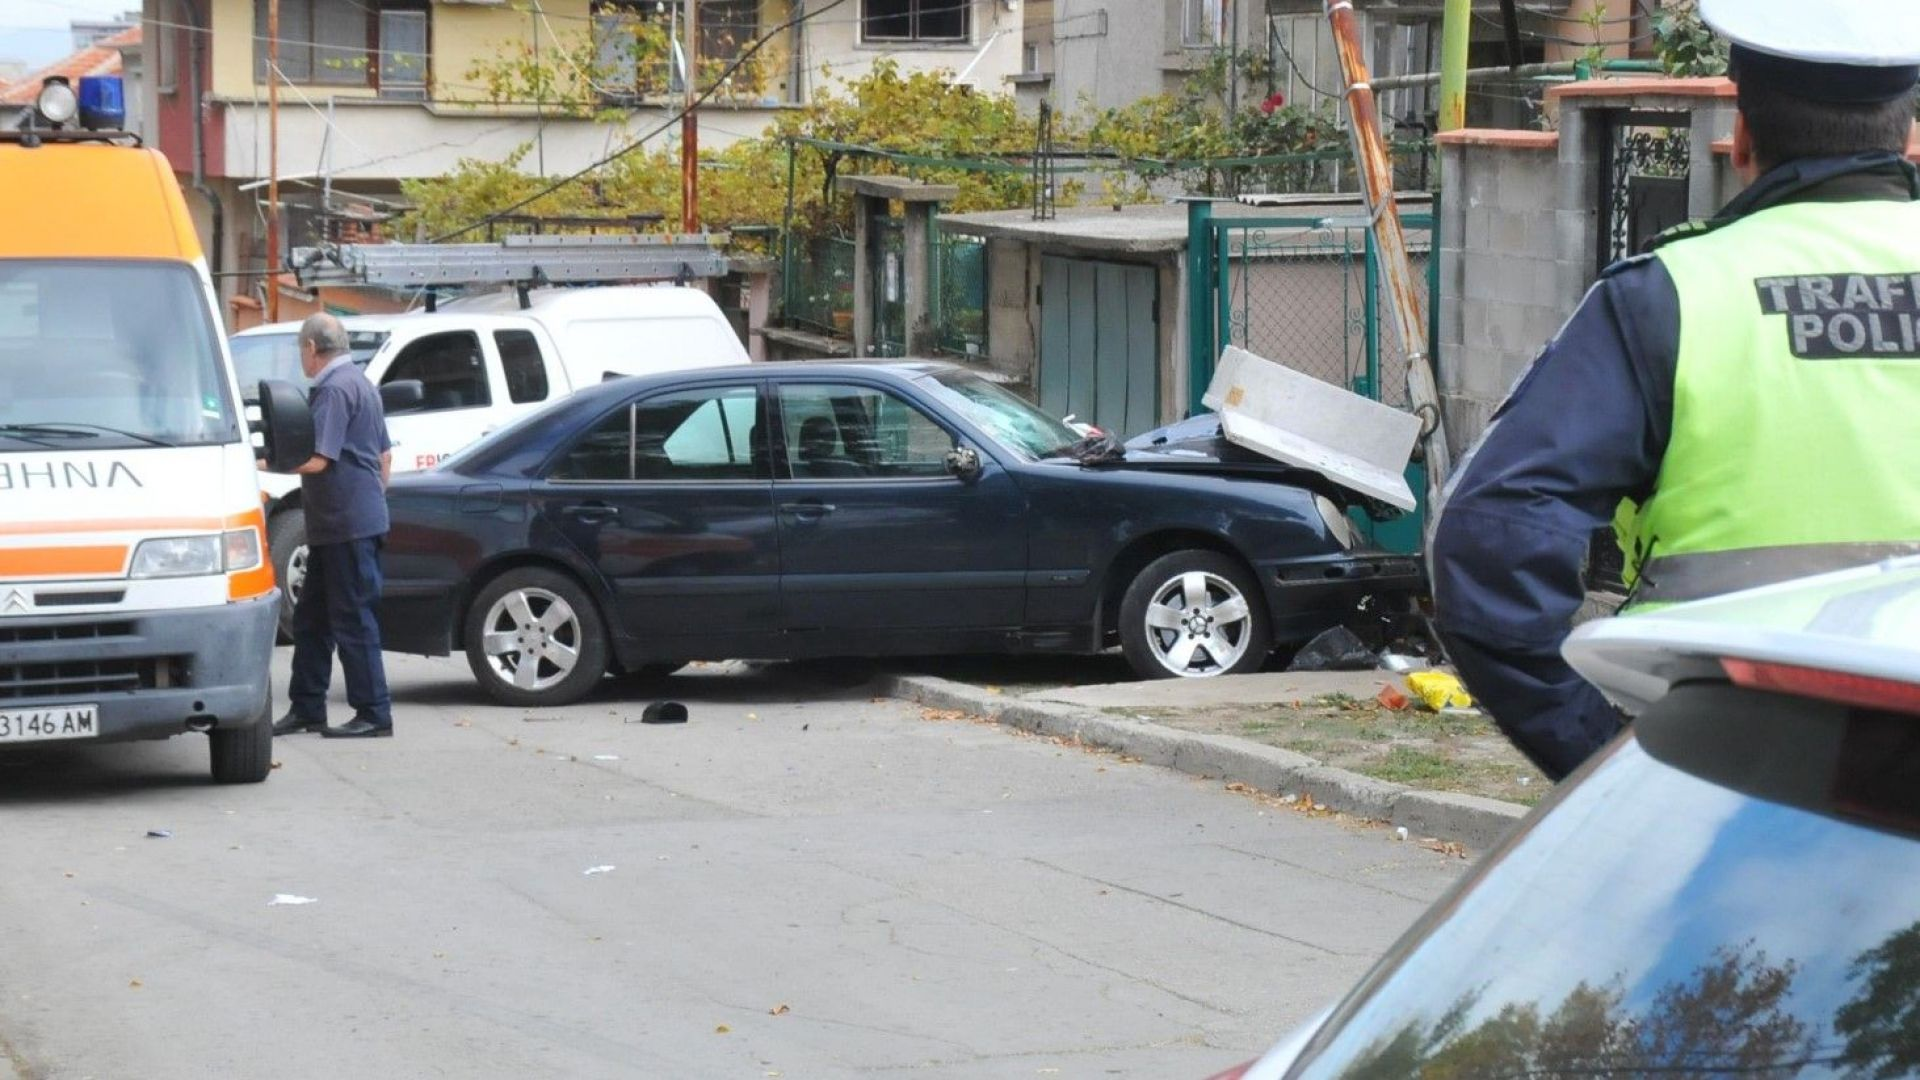 Издъхна и втората жена, премазана на тротоар в Карнобат